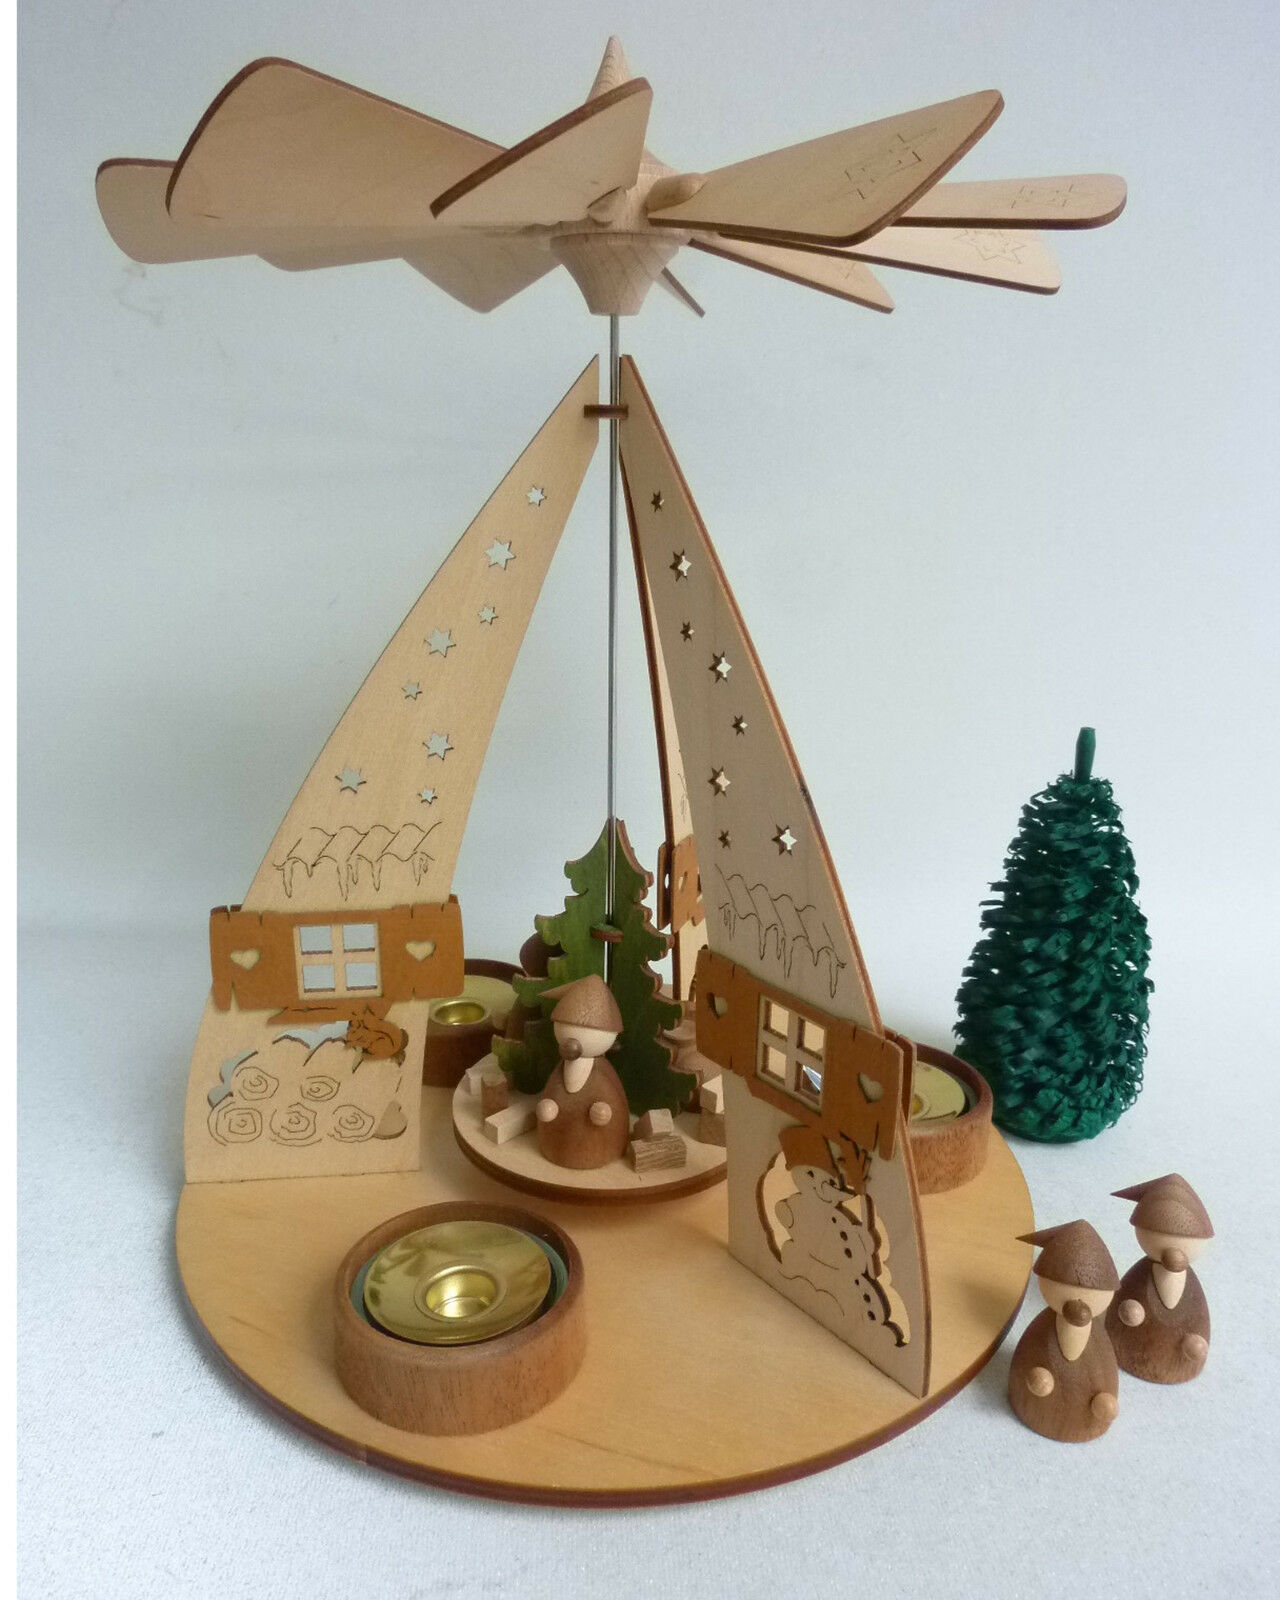 Pyramide Wichtelhaus  Muster 8 224 Original Original Original Erzgebirge Weihnachtsdekoration | Stil  801e52